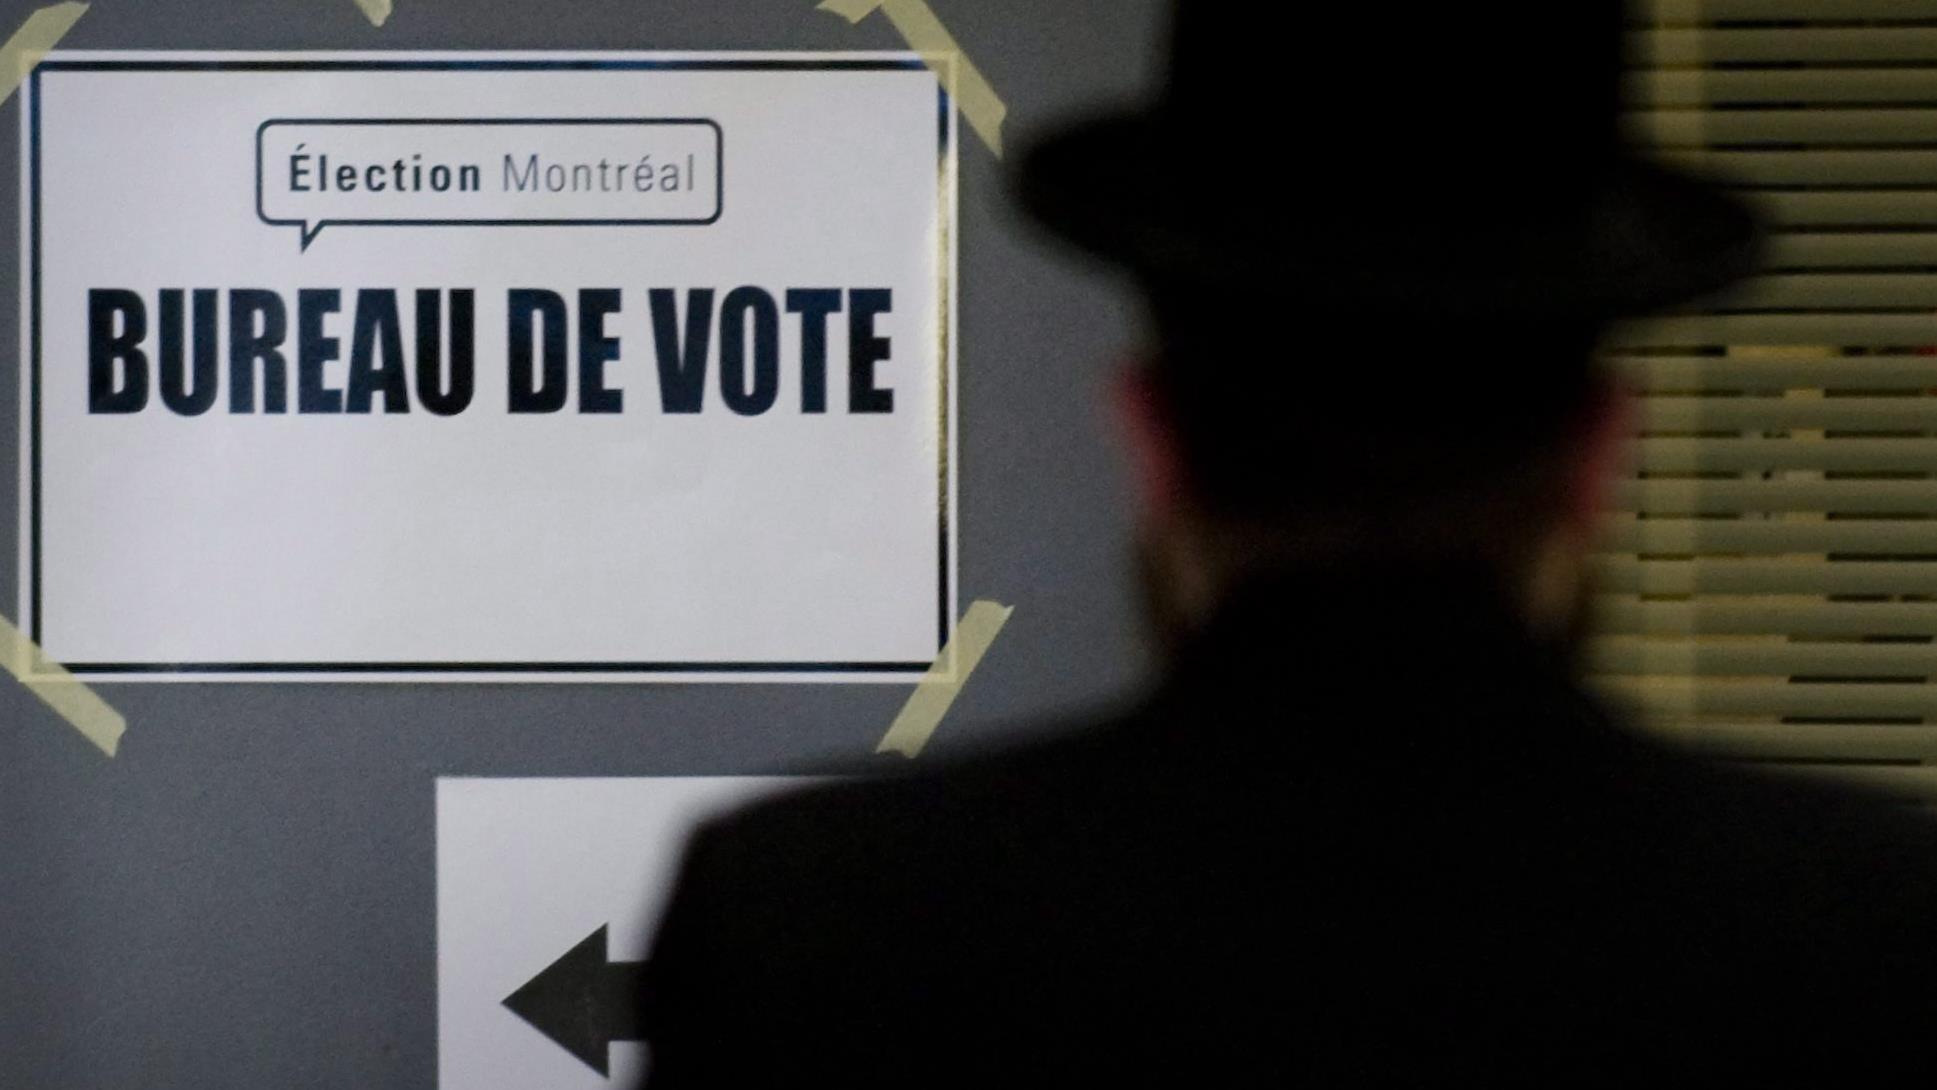 Ce quil vous faut savoir pour voter aux municipales ICIRadio